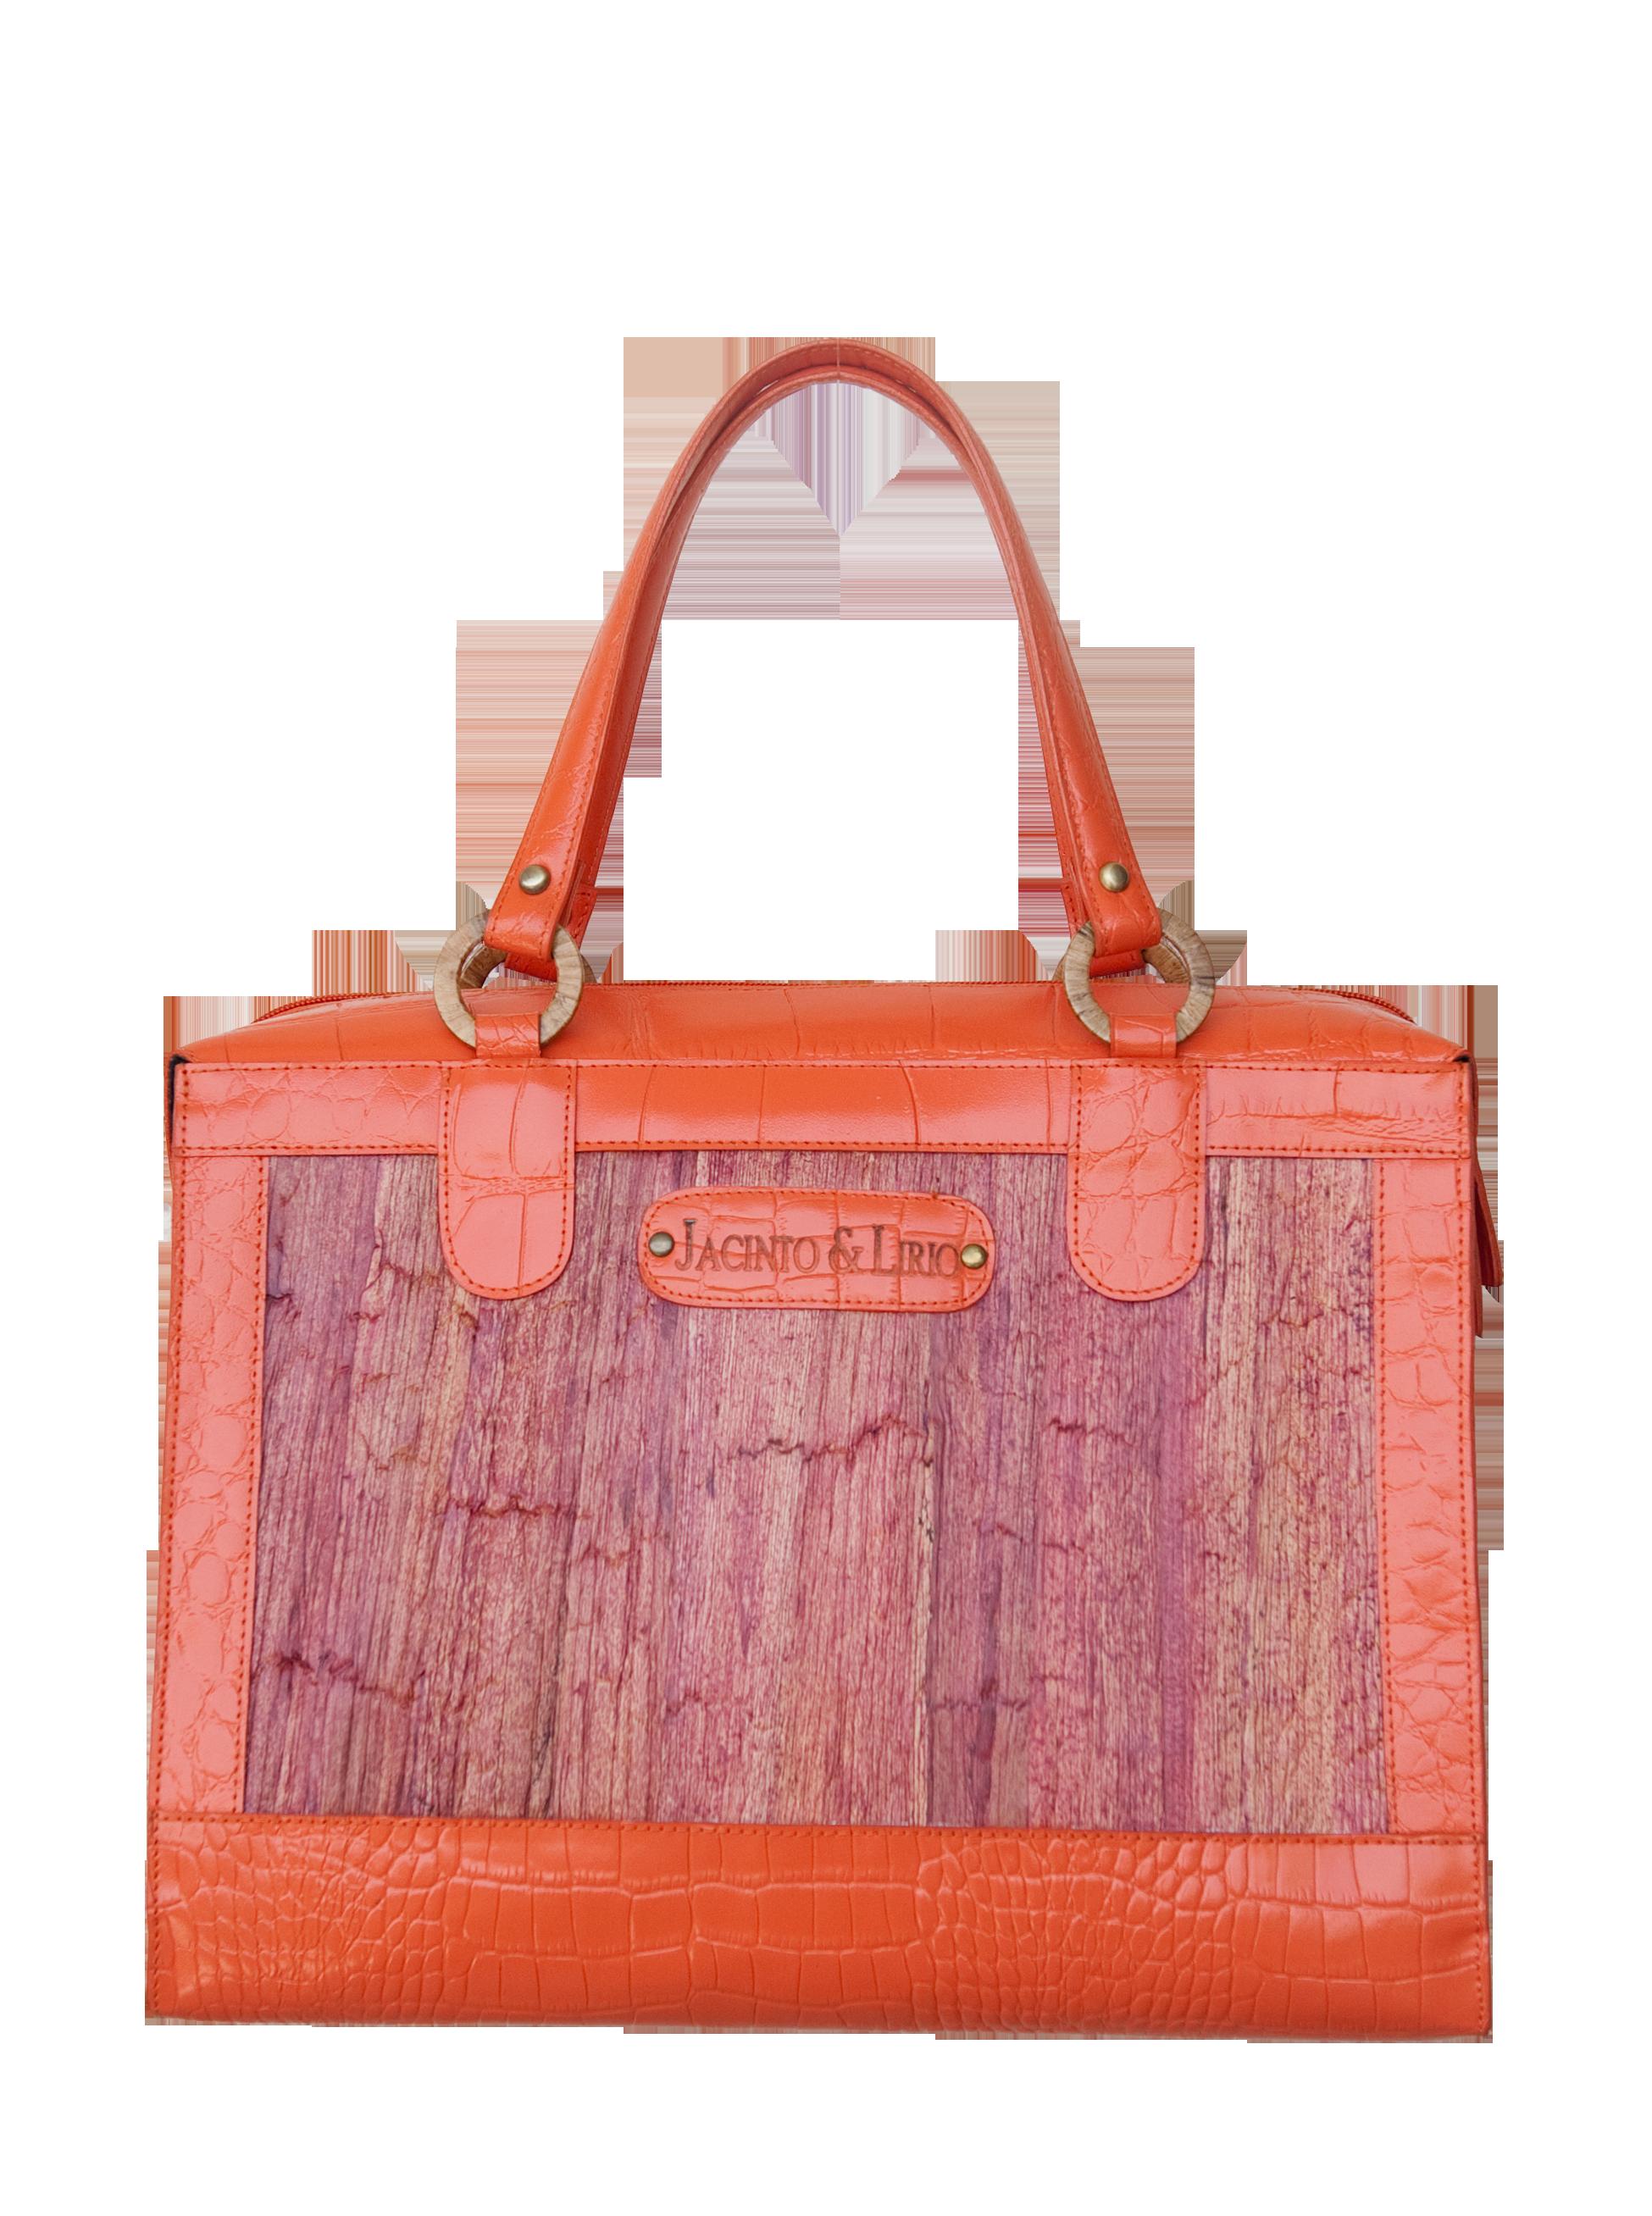 J L Gabriela Bag Vermilion Rose For Sale Online At Takatack Com